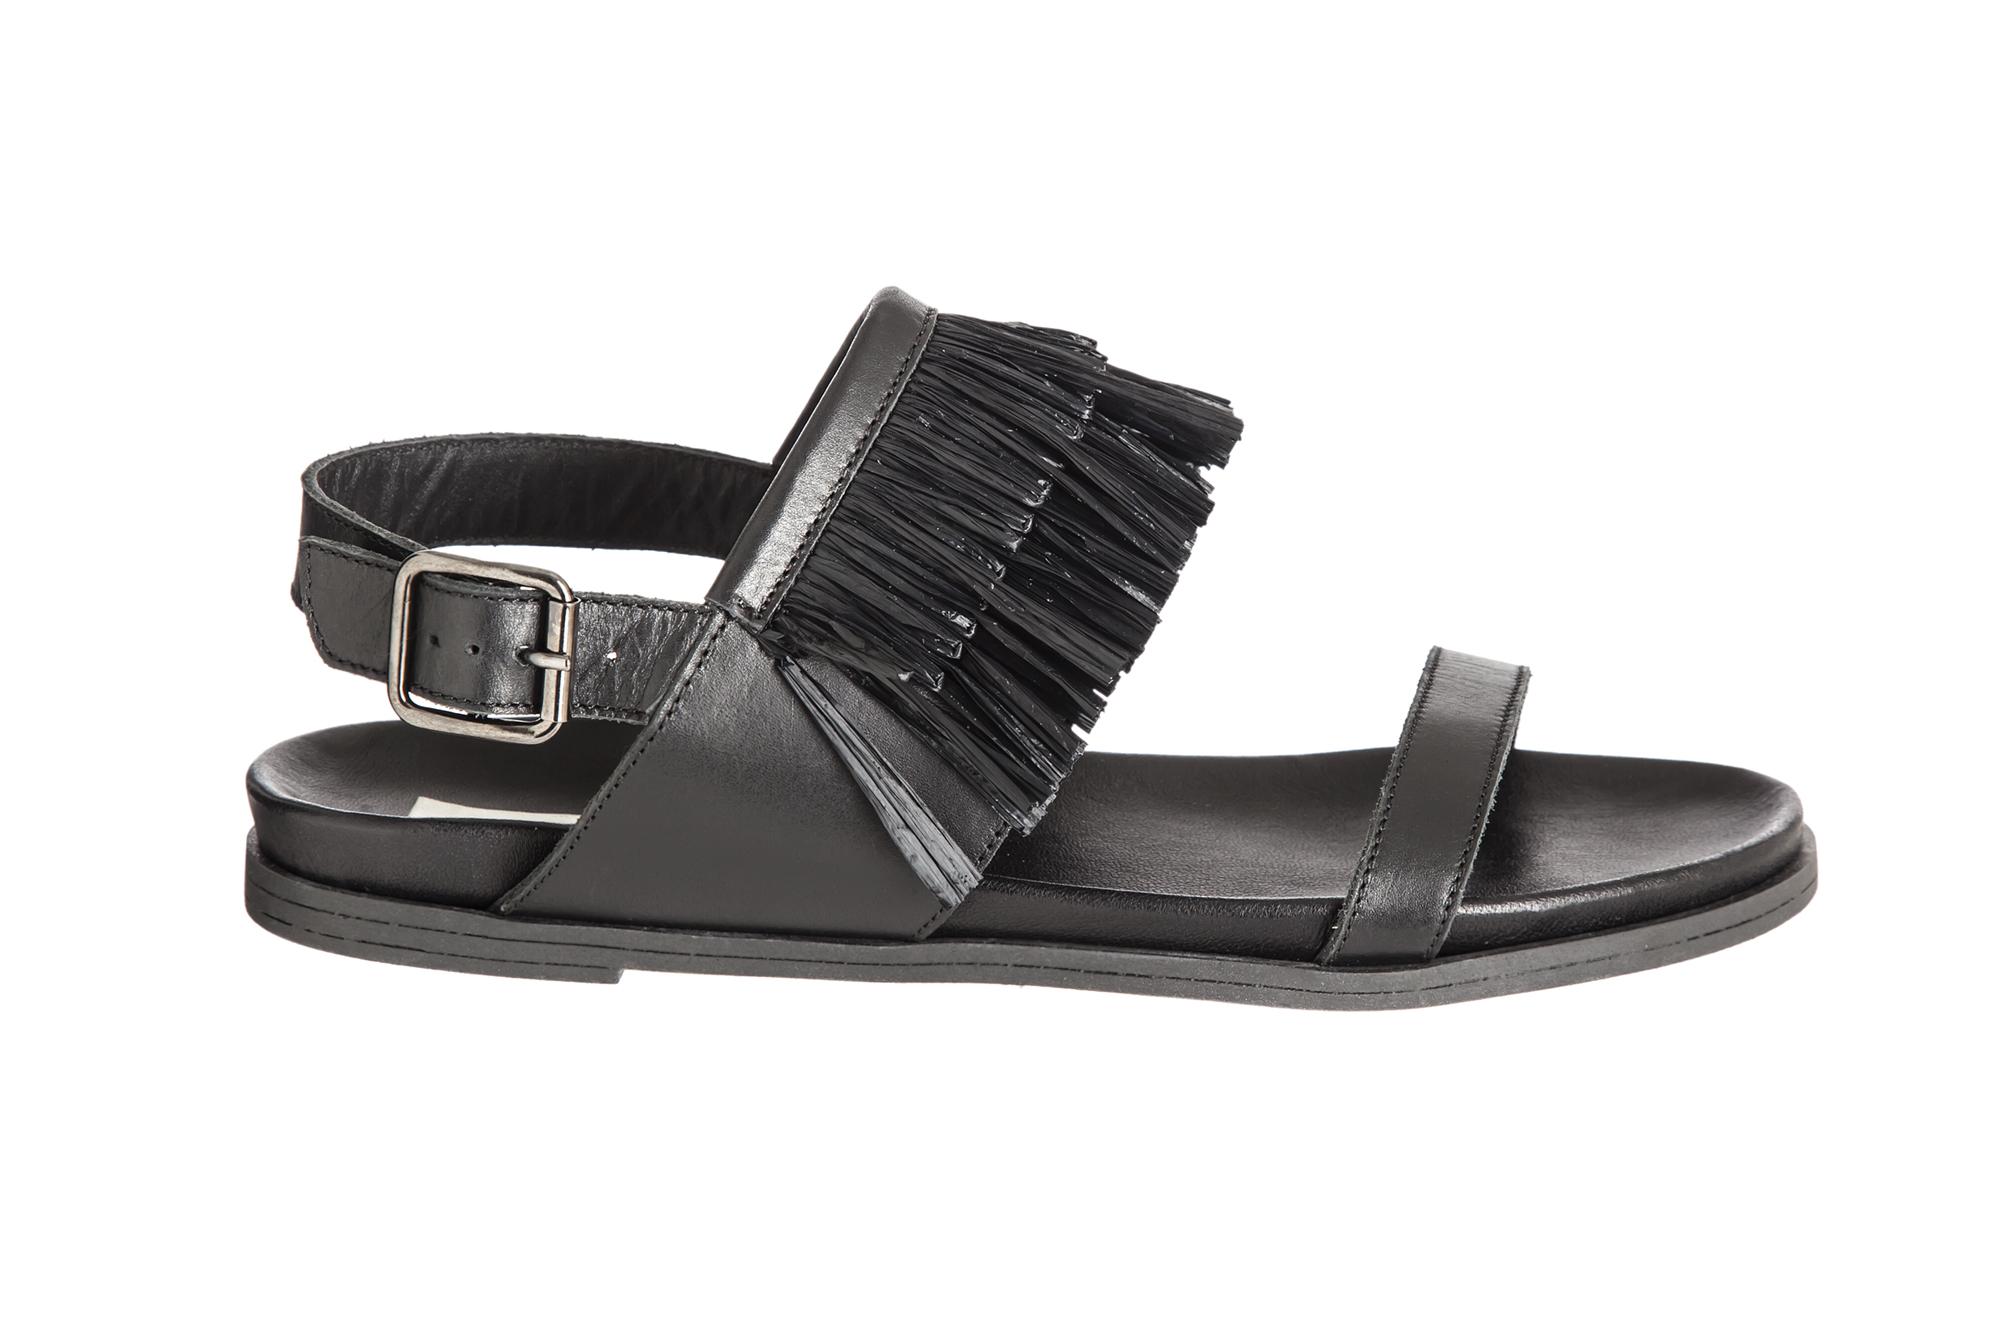 Women's sandals debenhams - Black Sandals Debenhams Debenhams Sandals Download